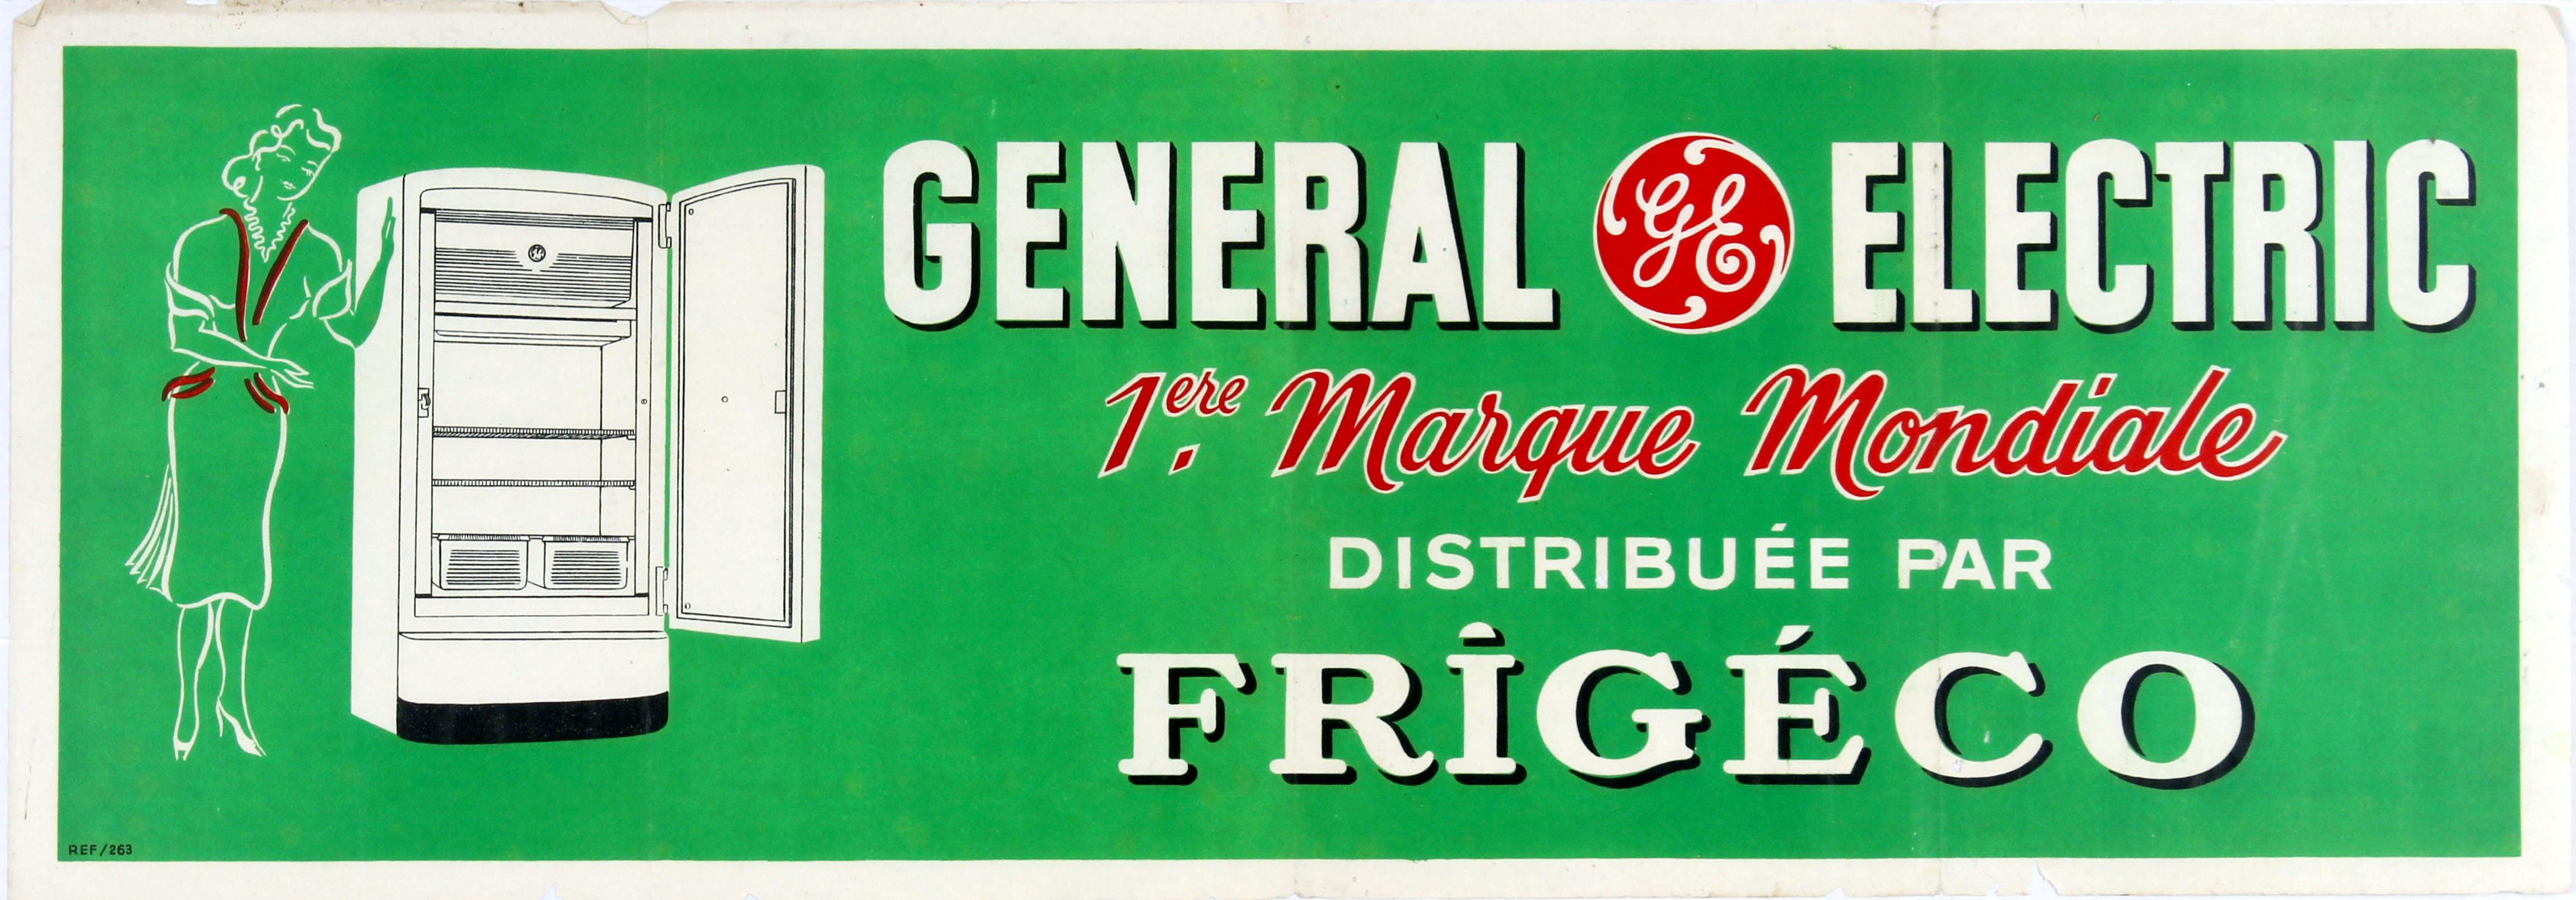 Lot 1510 - Advertising Poster General Electric Refridgerators